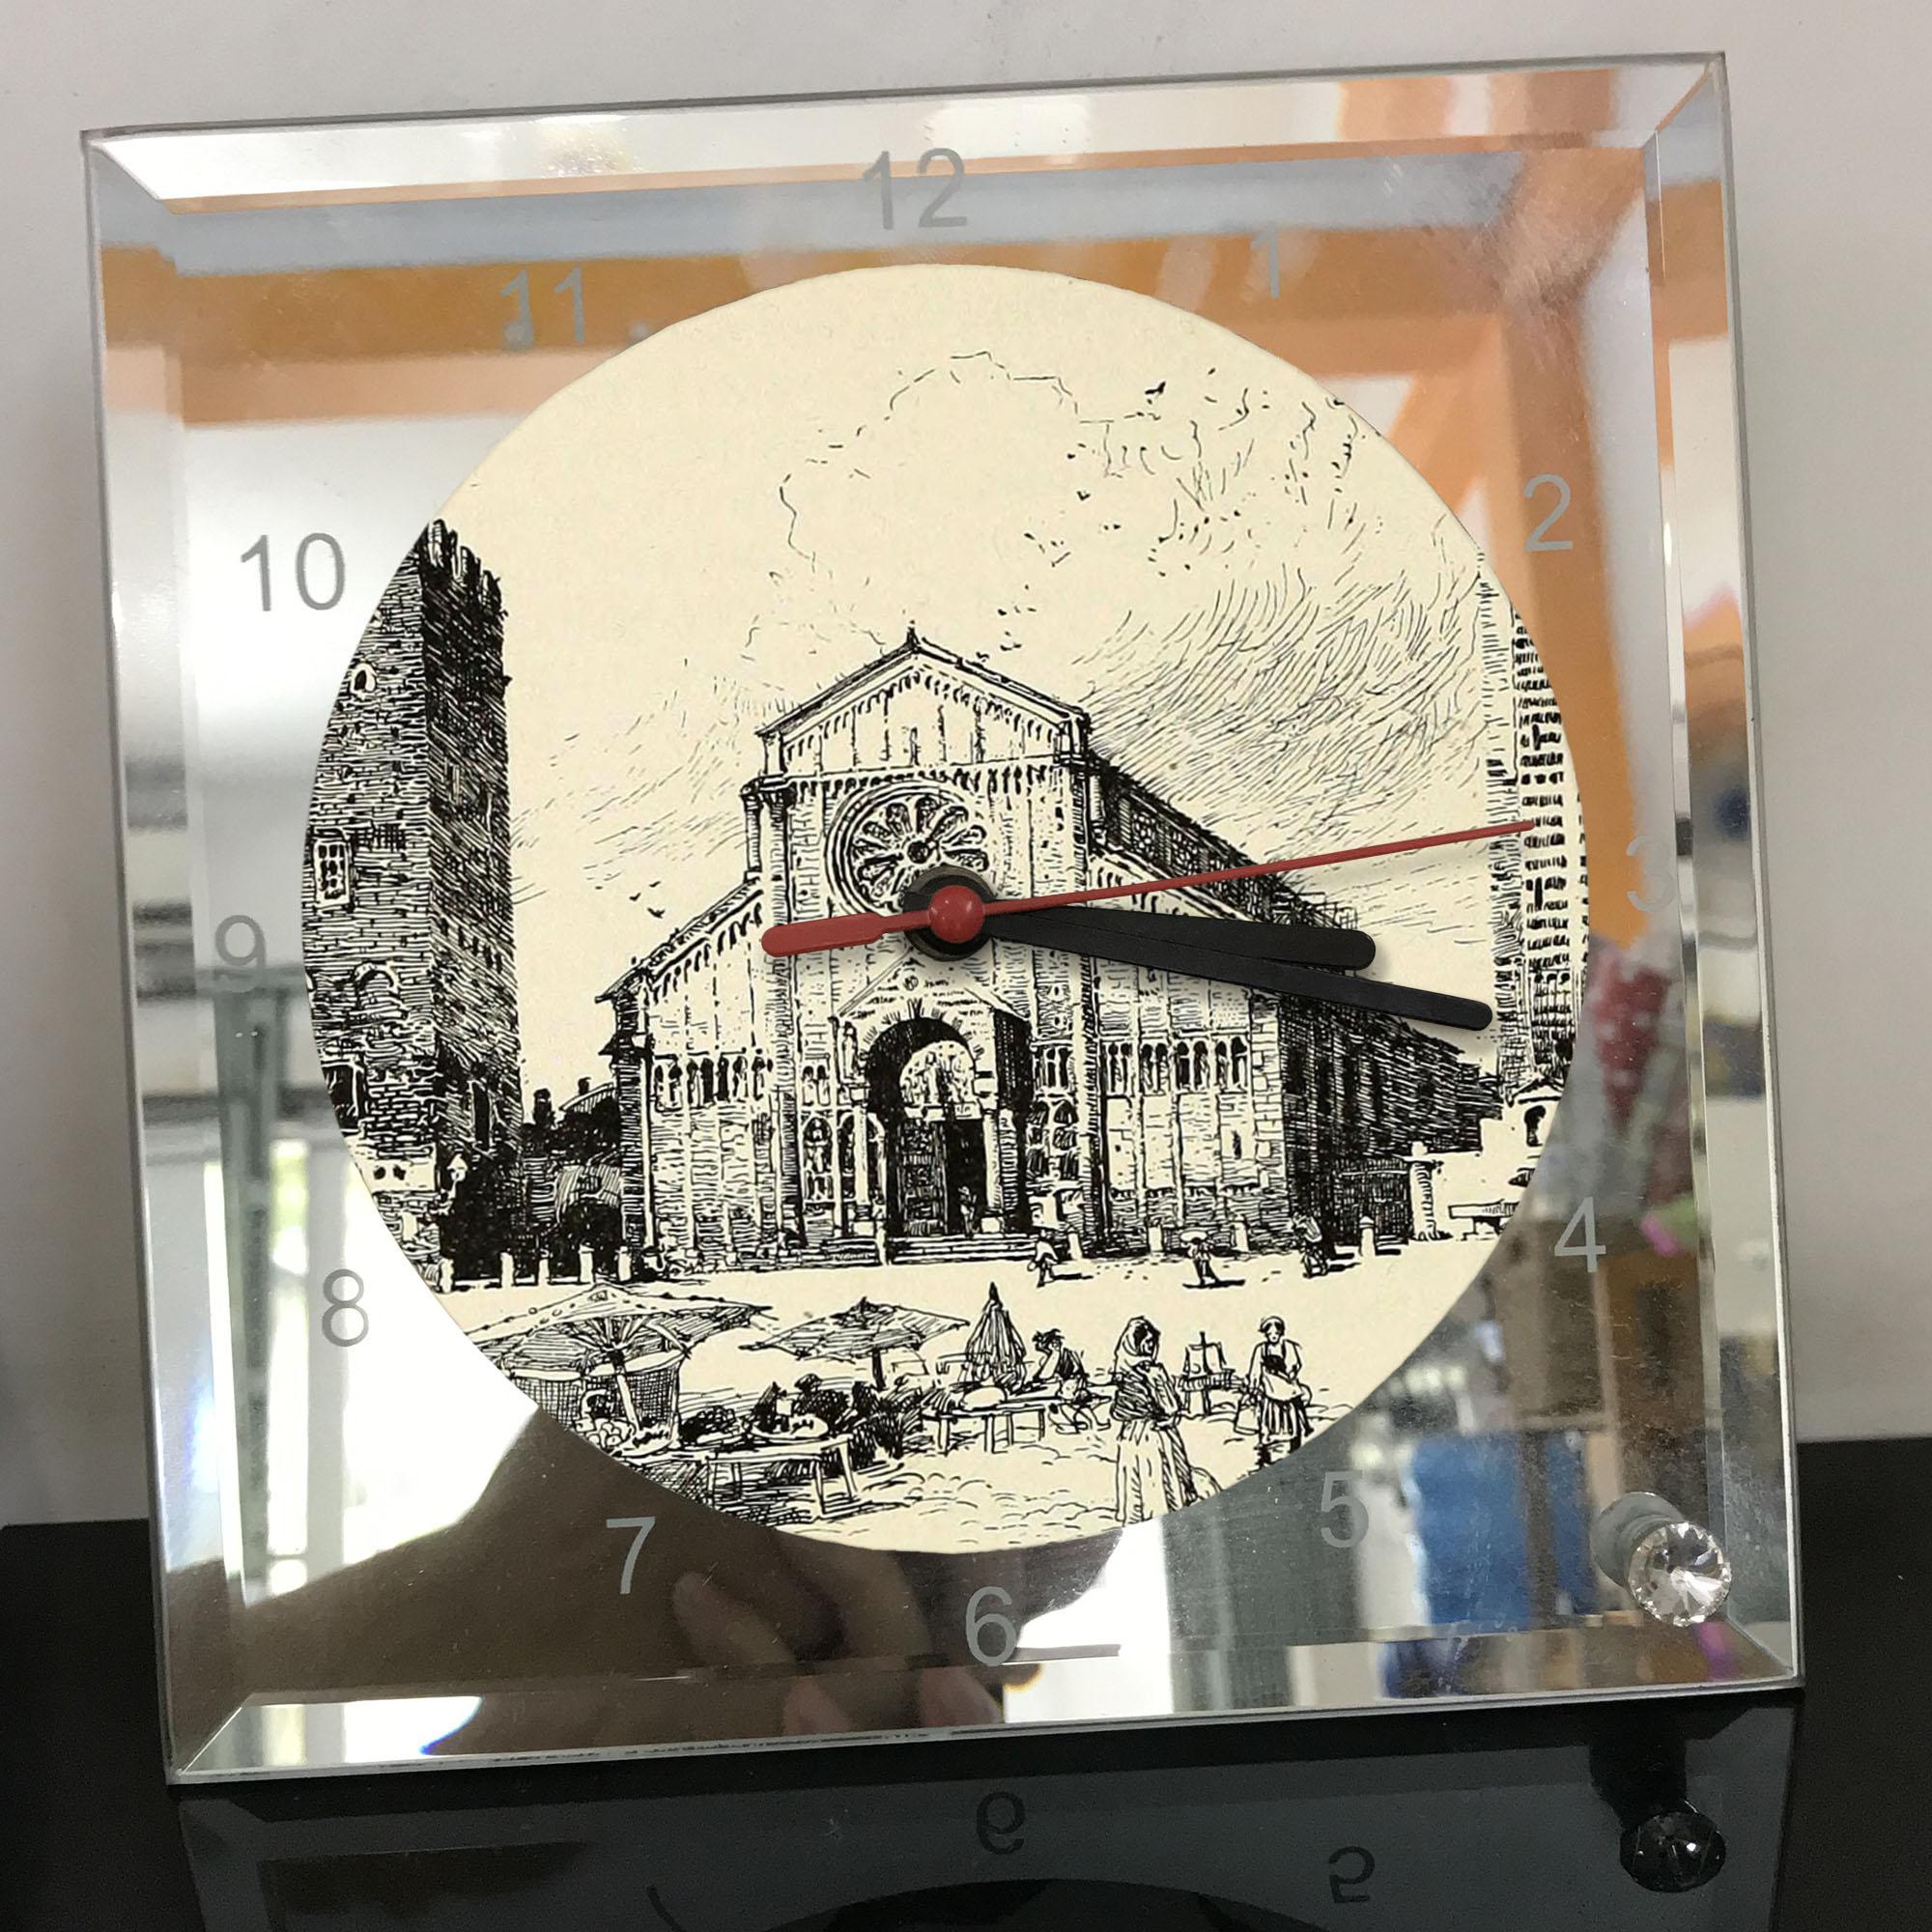 Đồng hồ thủy tinh vuông 20x20 in hình Cathedral - nhà thờ chính tòa (39) . Đồng hồ thủy tinh để bàn trang trí đẹp chủ đề tôn giáo